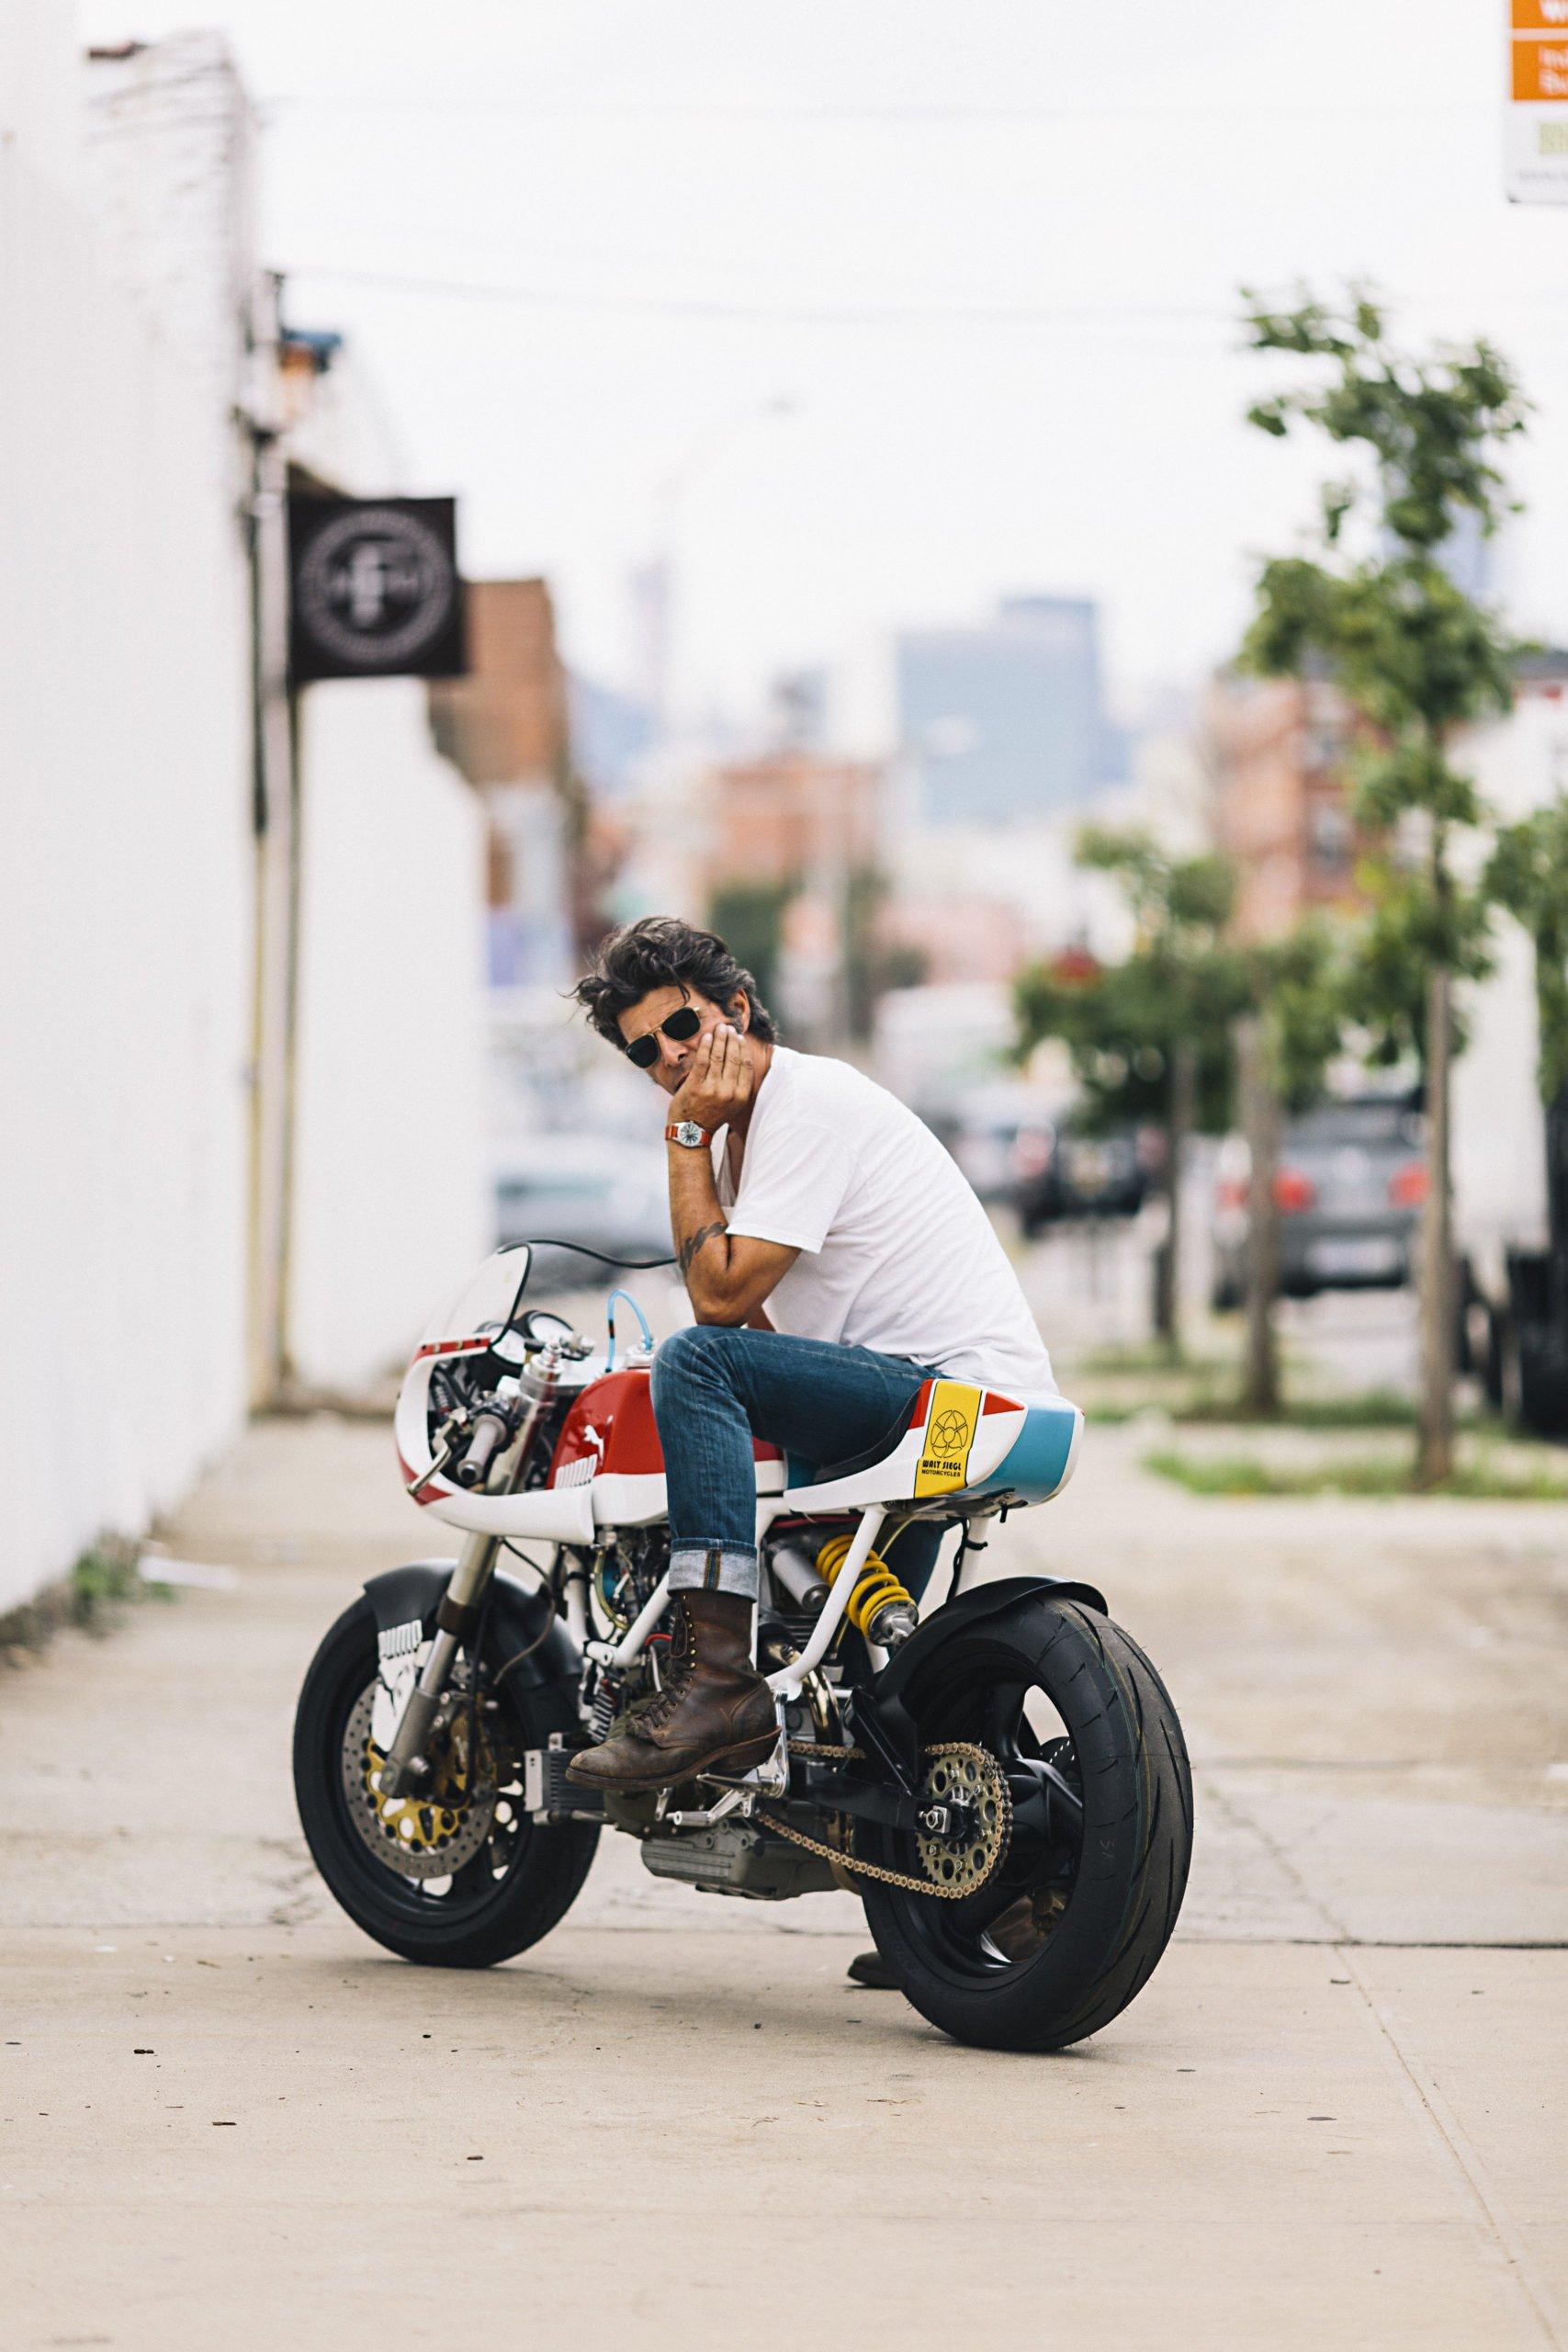 Walt Siegl on motorcycle